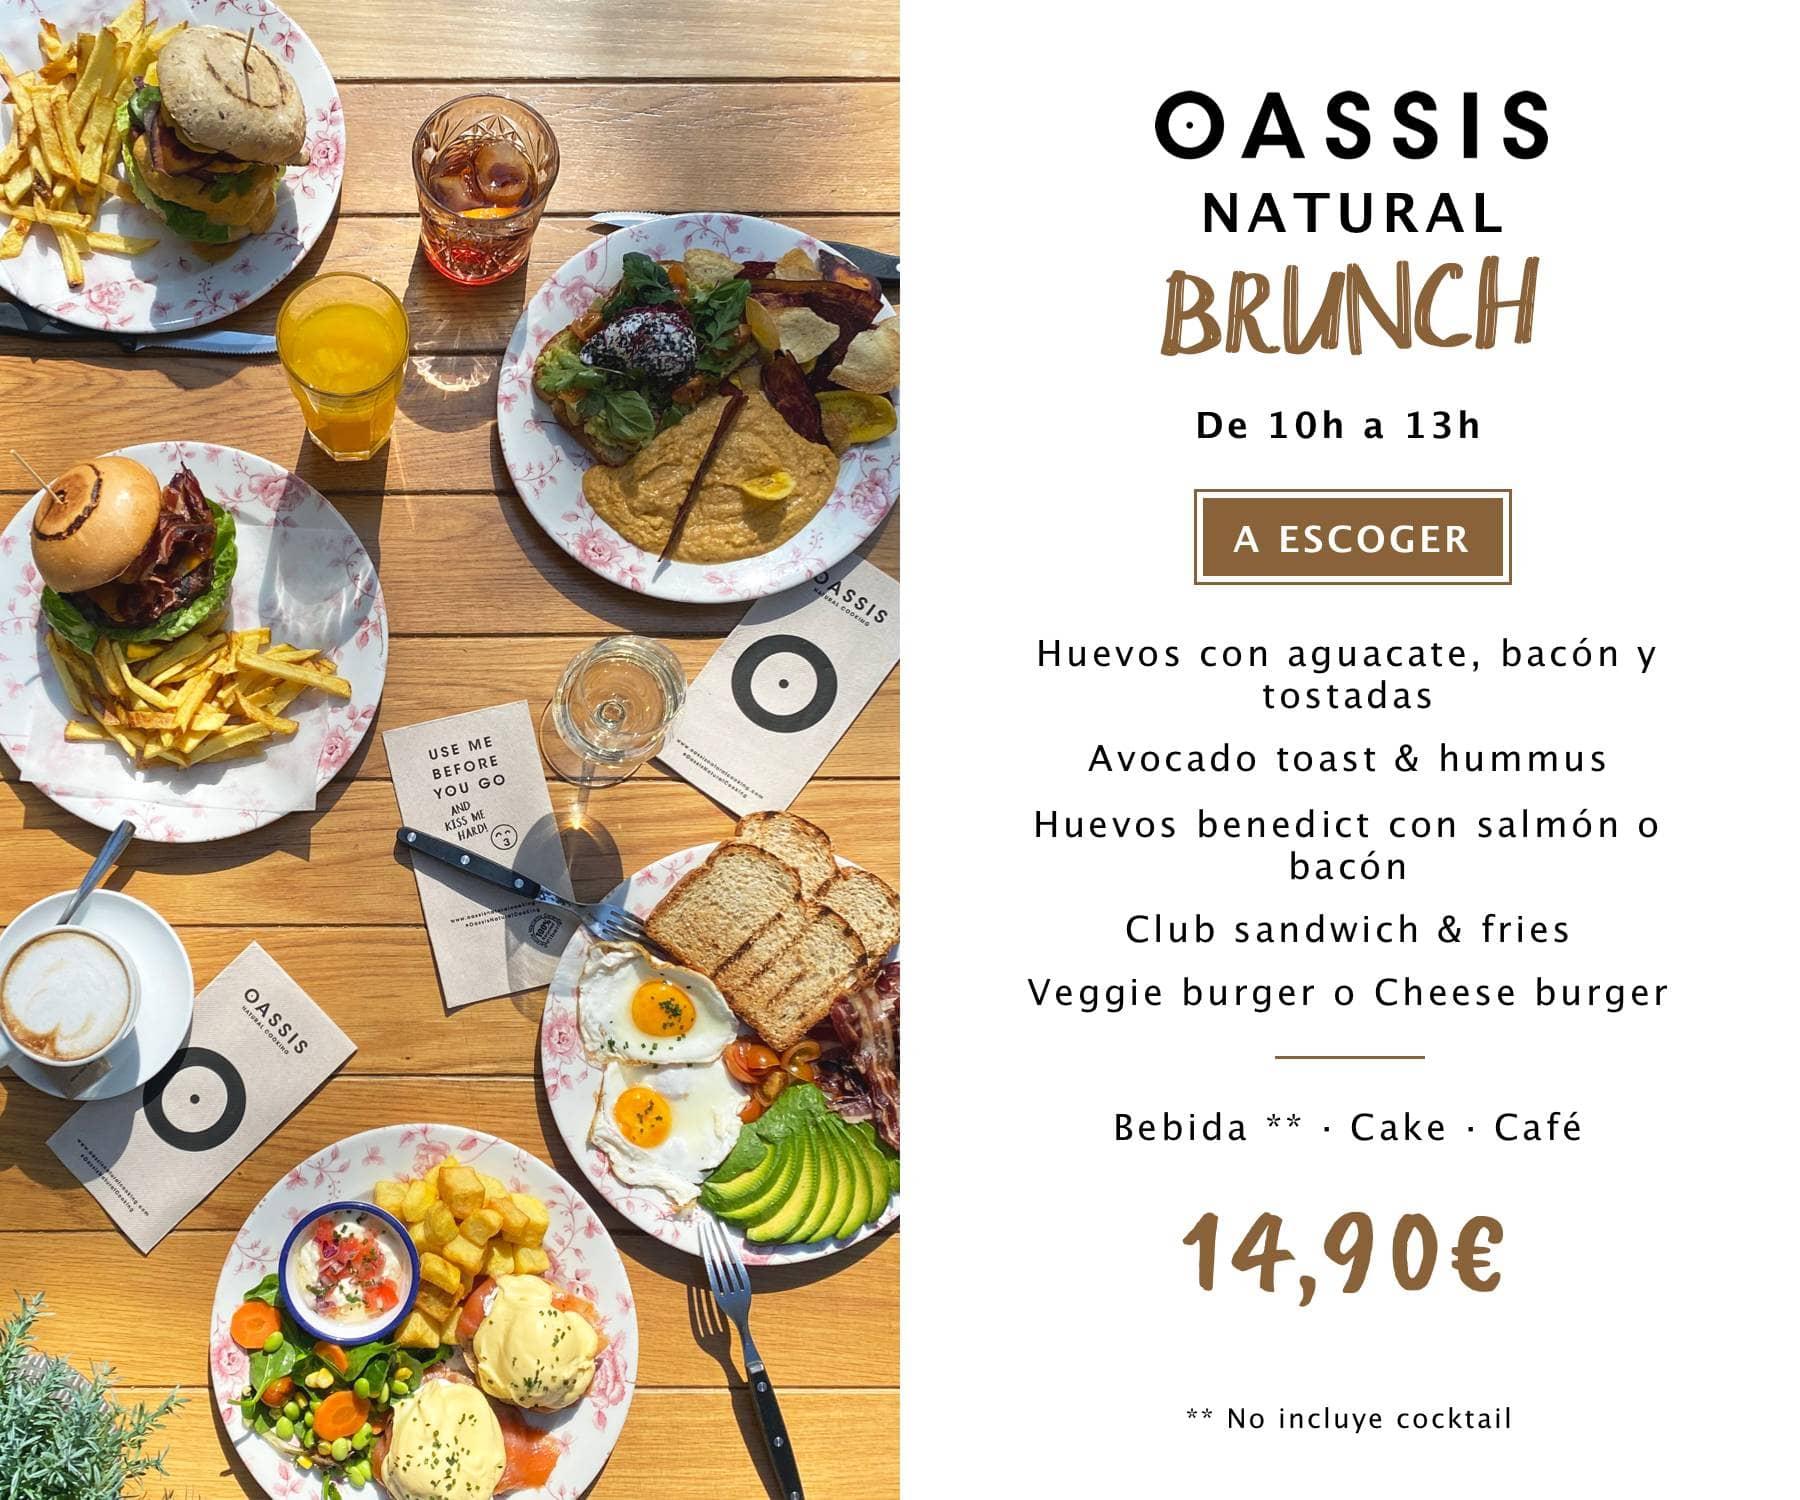 OASSIS Brunch